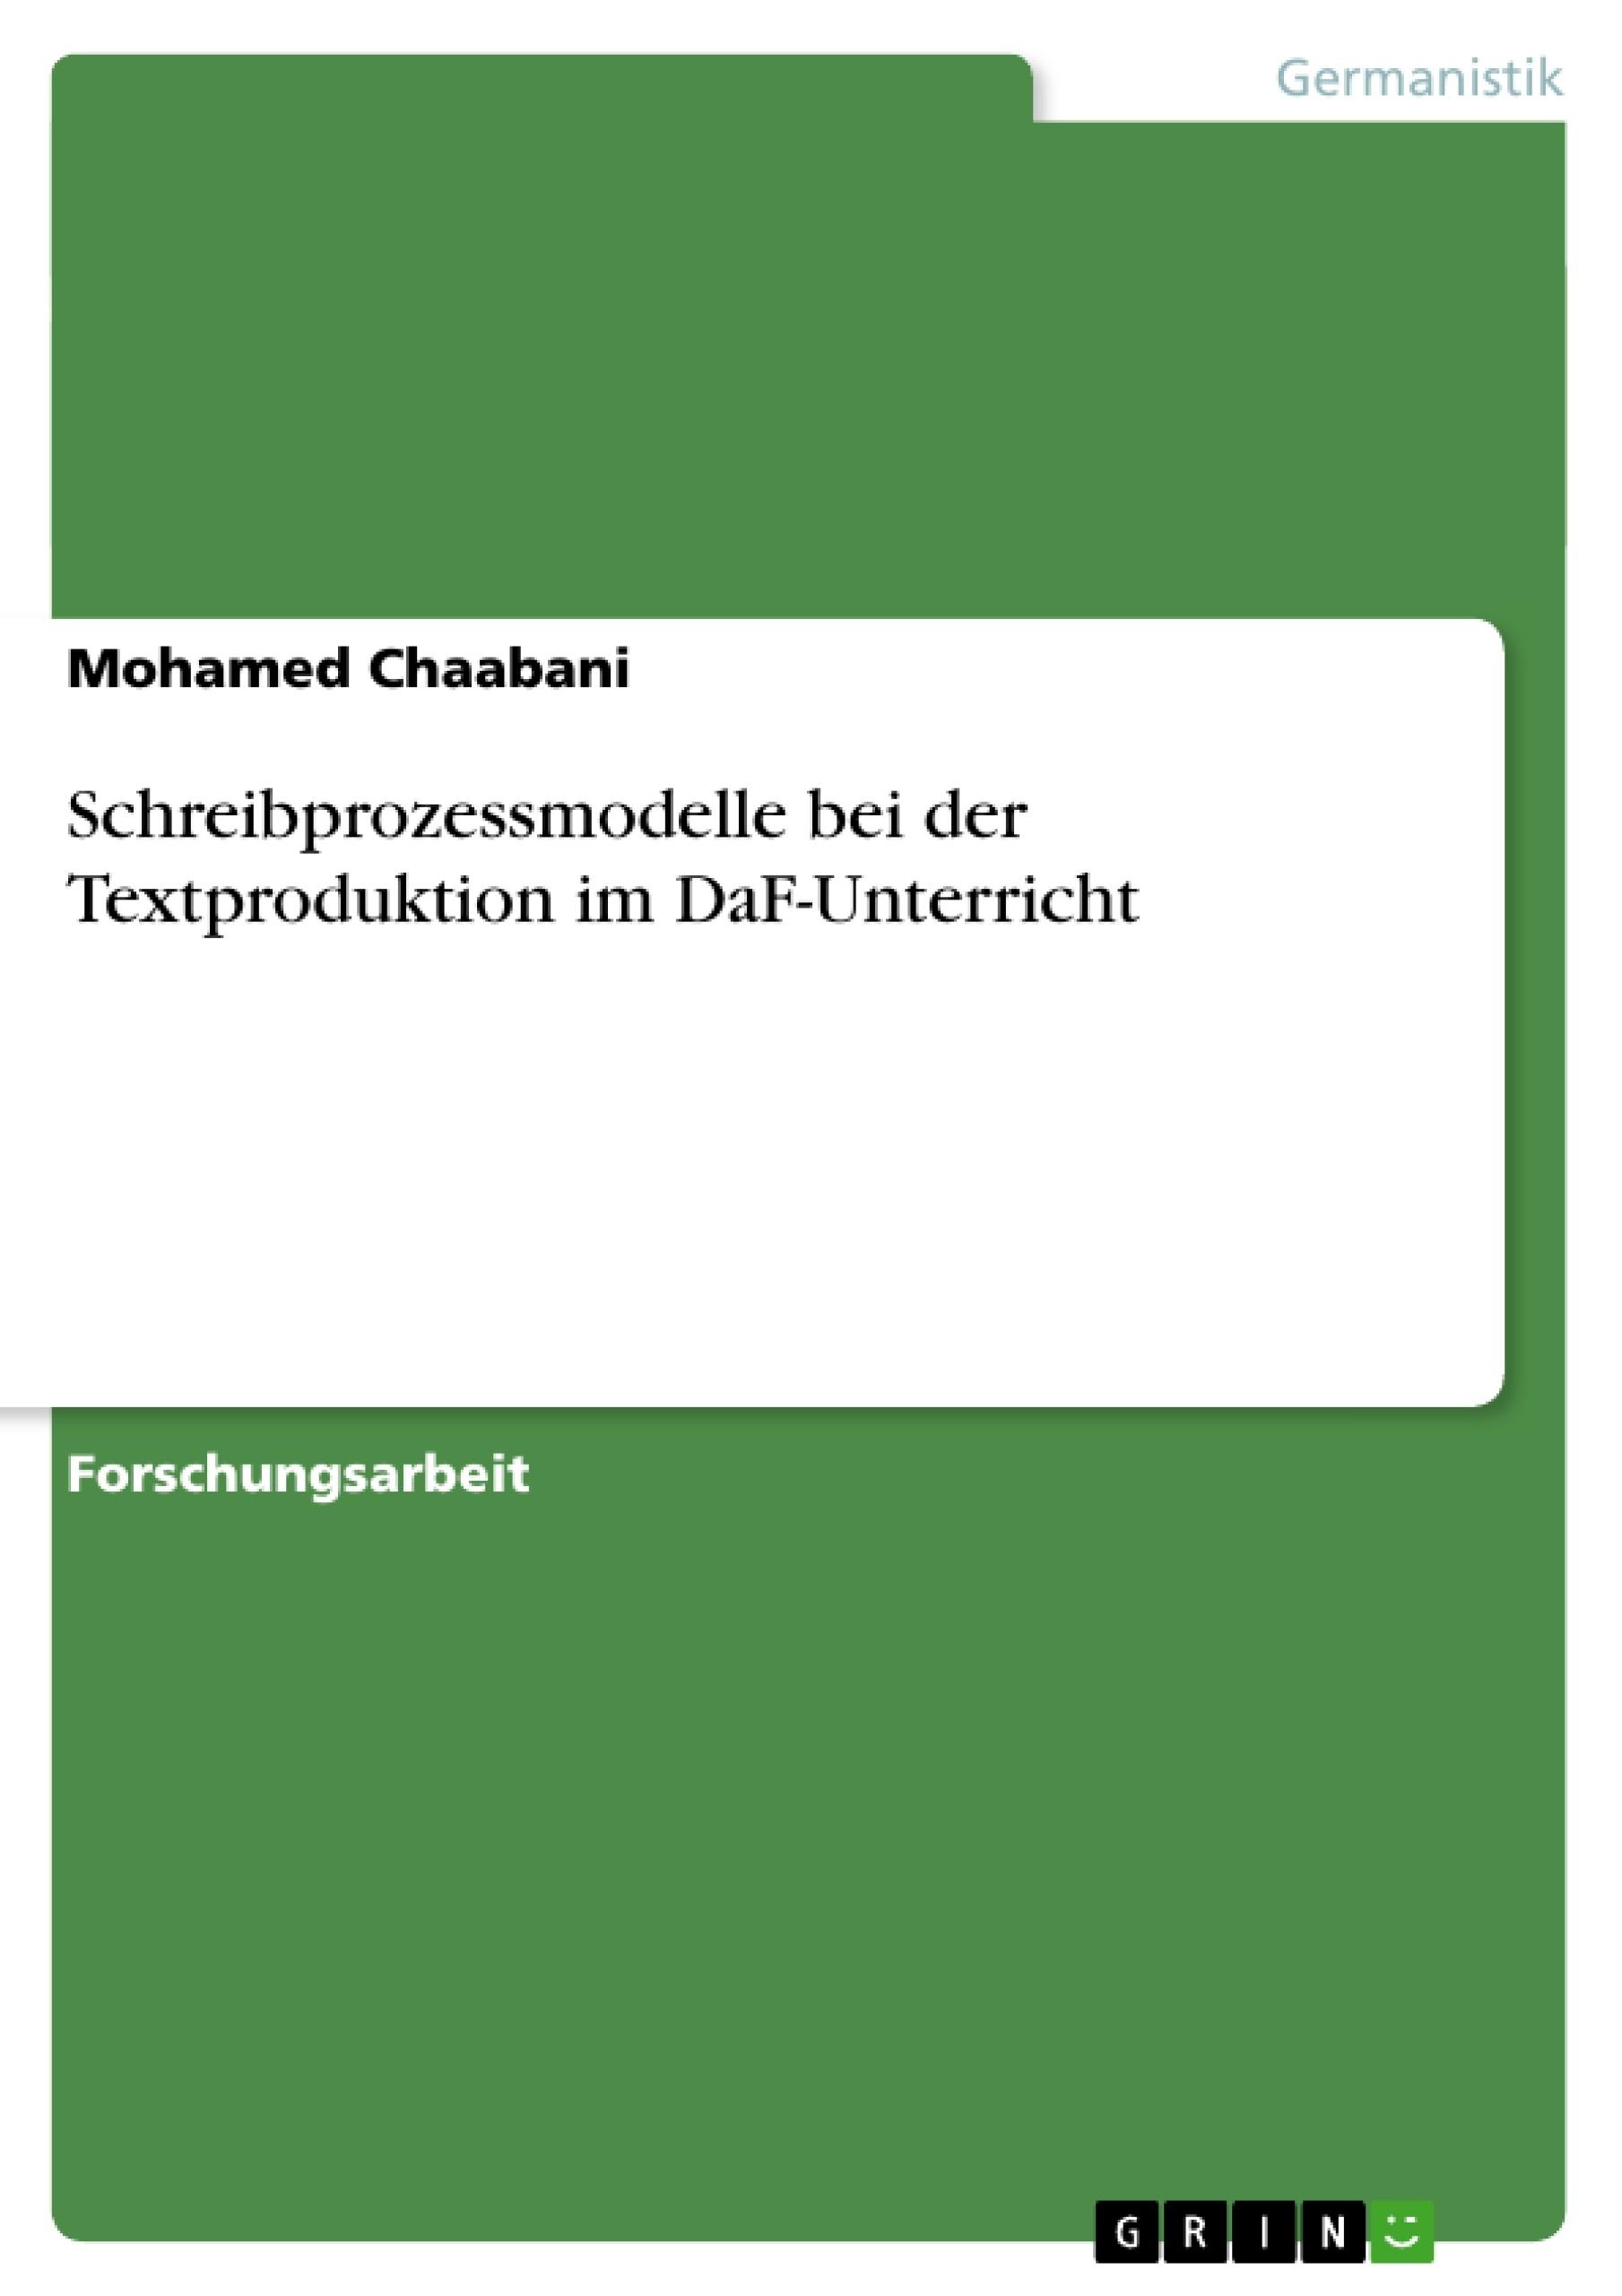 Titel: Schreibprozessmodelle bei der Textproduktion im DaF-Unterricht